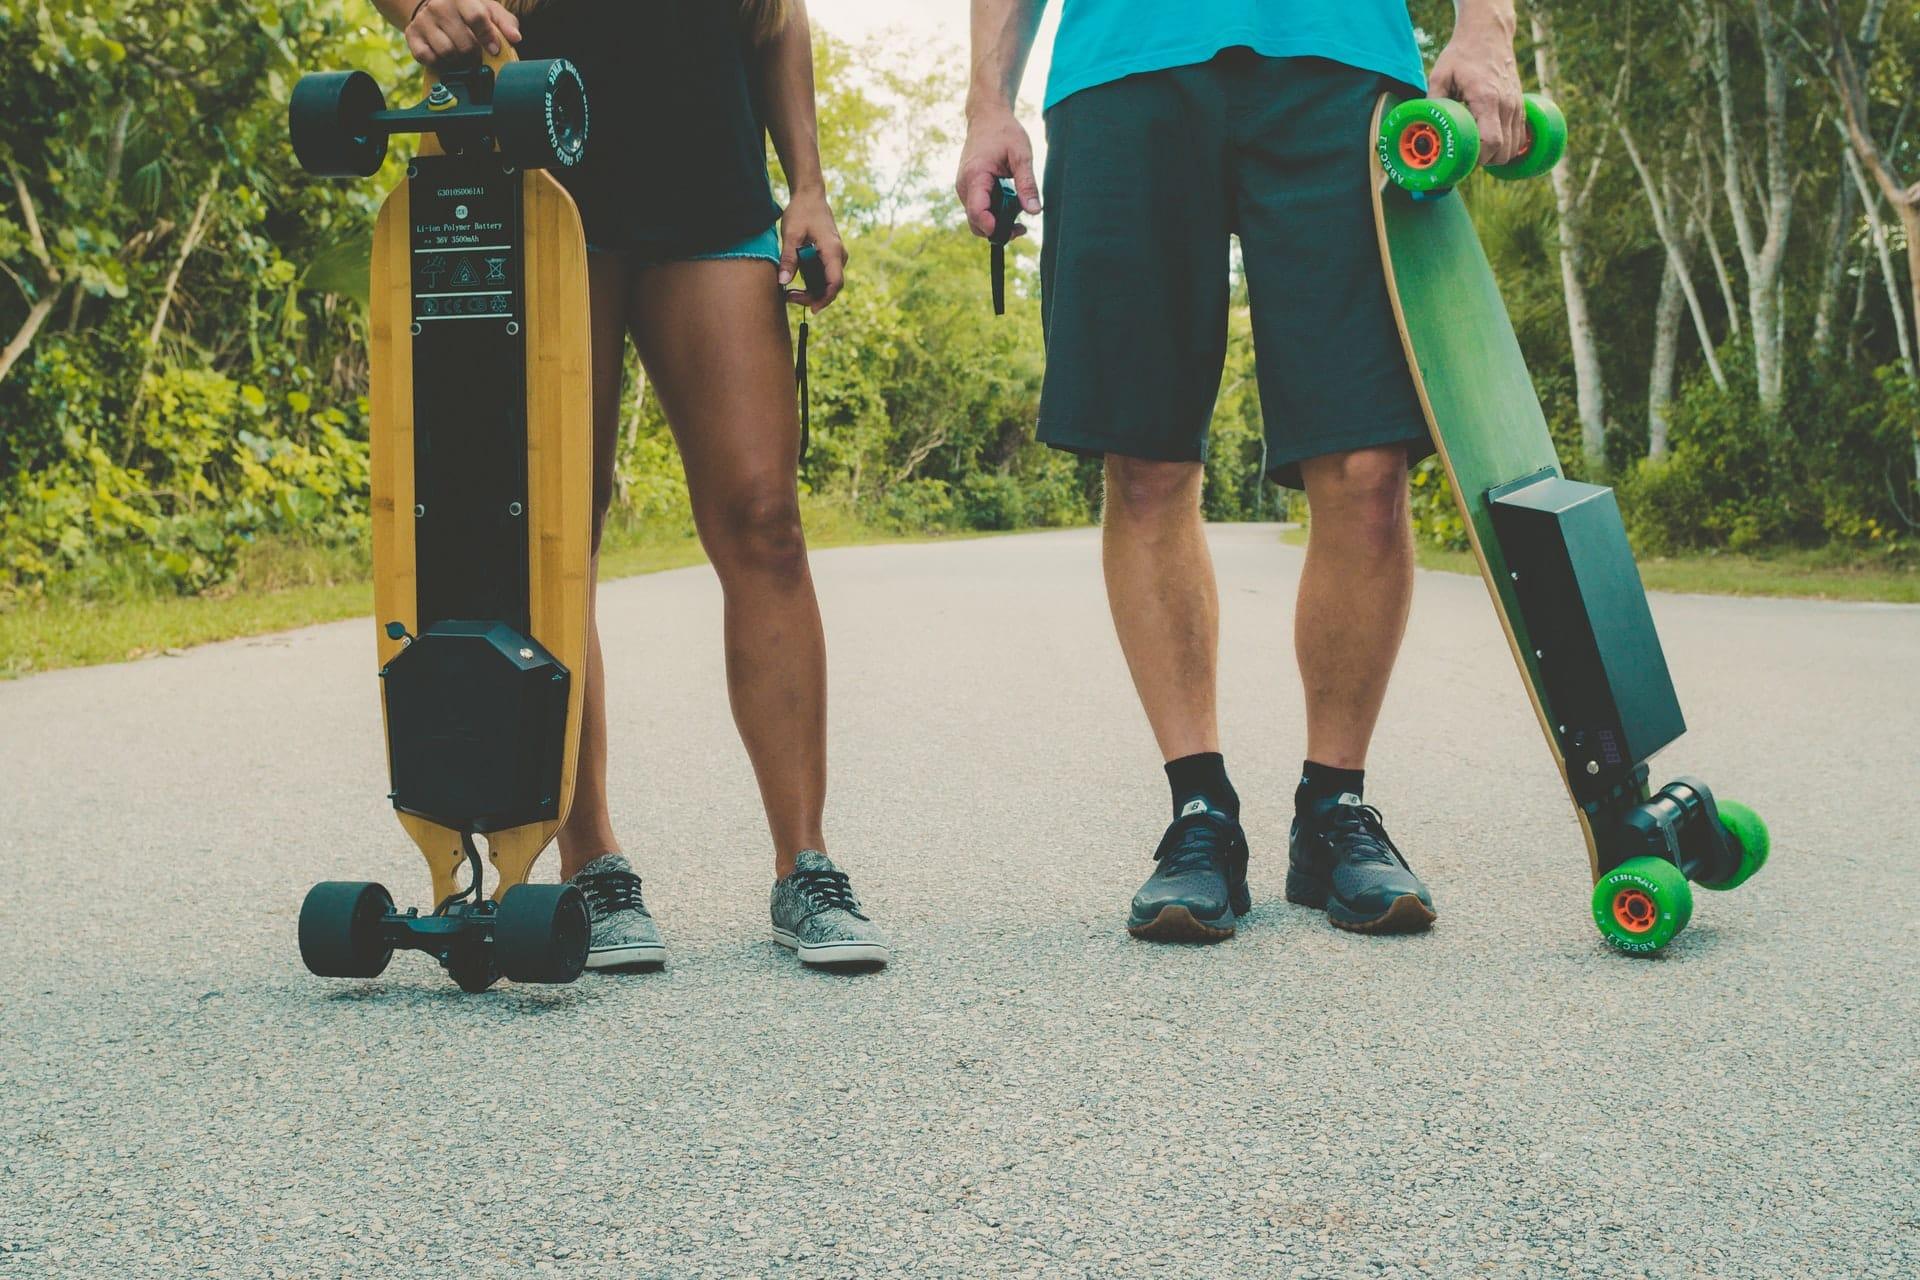 Best Electric Skateboard Header Image